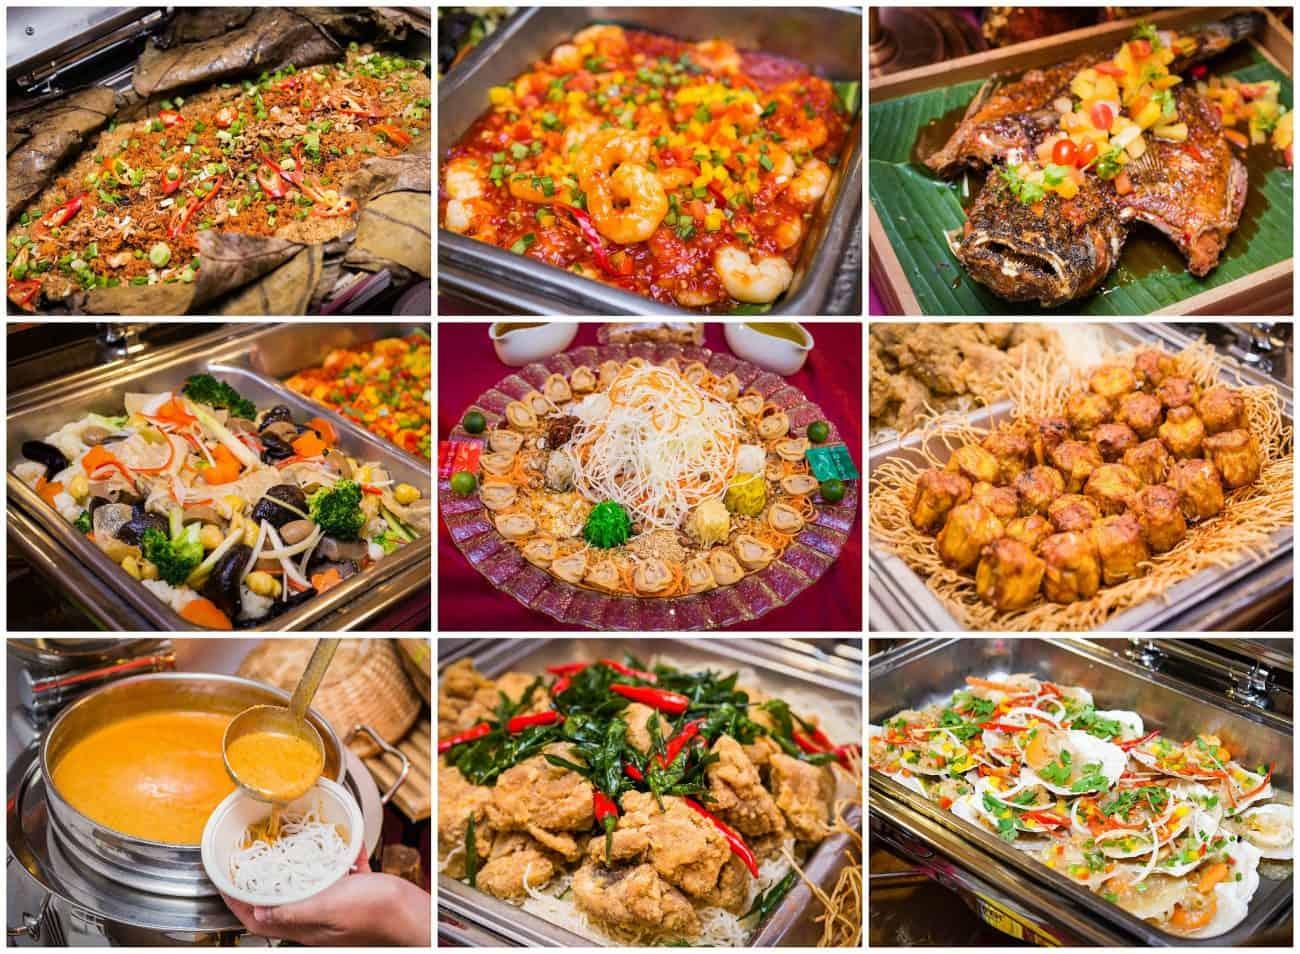 Elsie S Kitchen Have An Exquisite Effortless Reunion Dinner